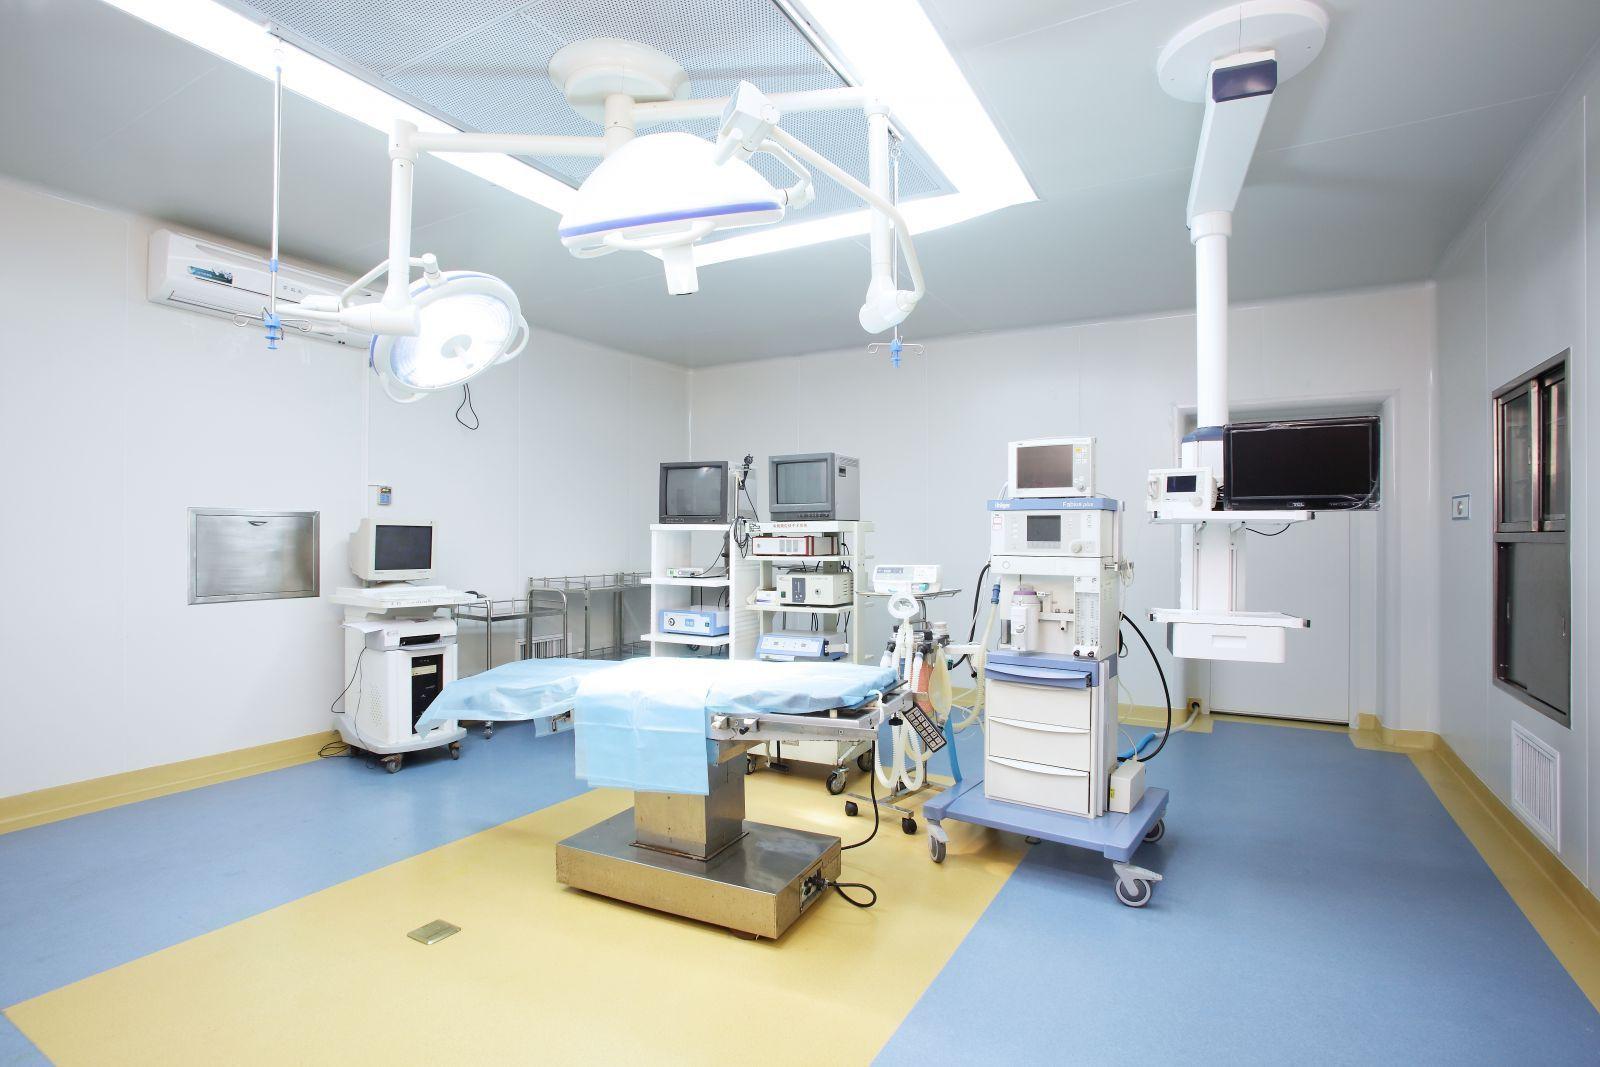 中信惠州医院医学整形中心是公立医院吗?